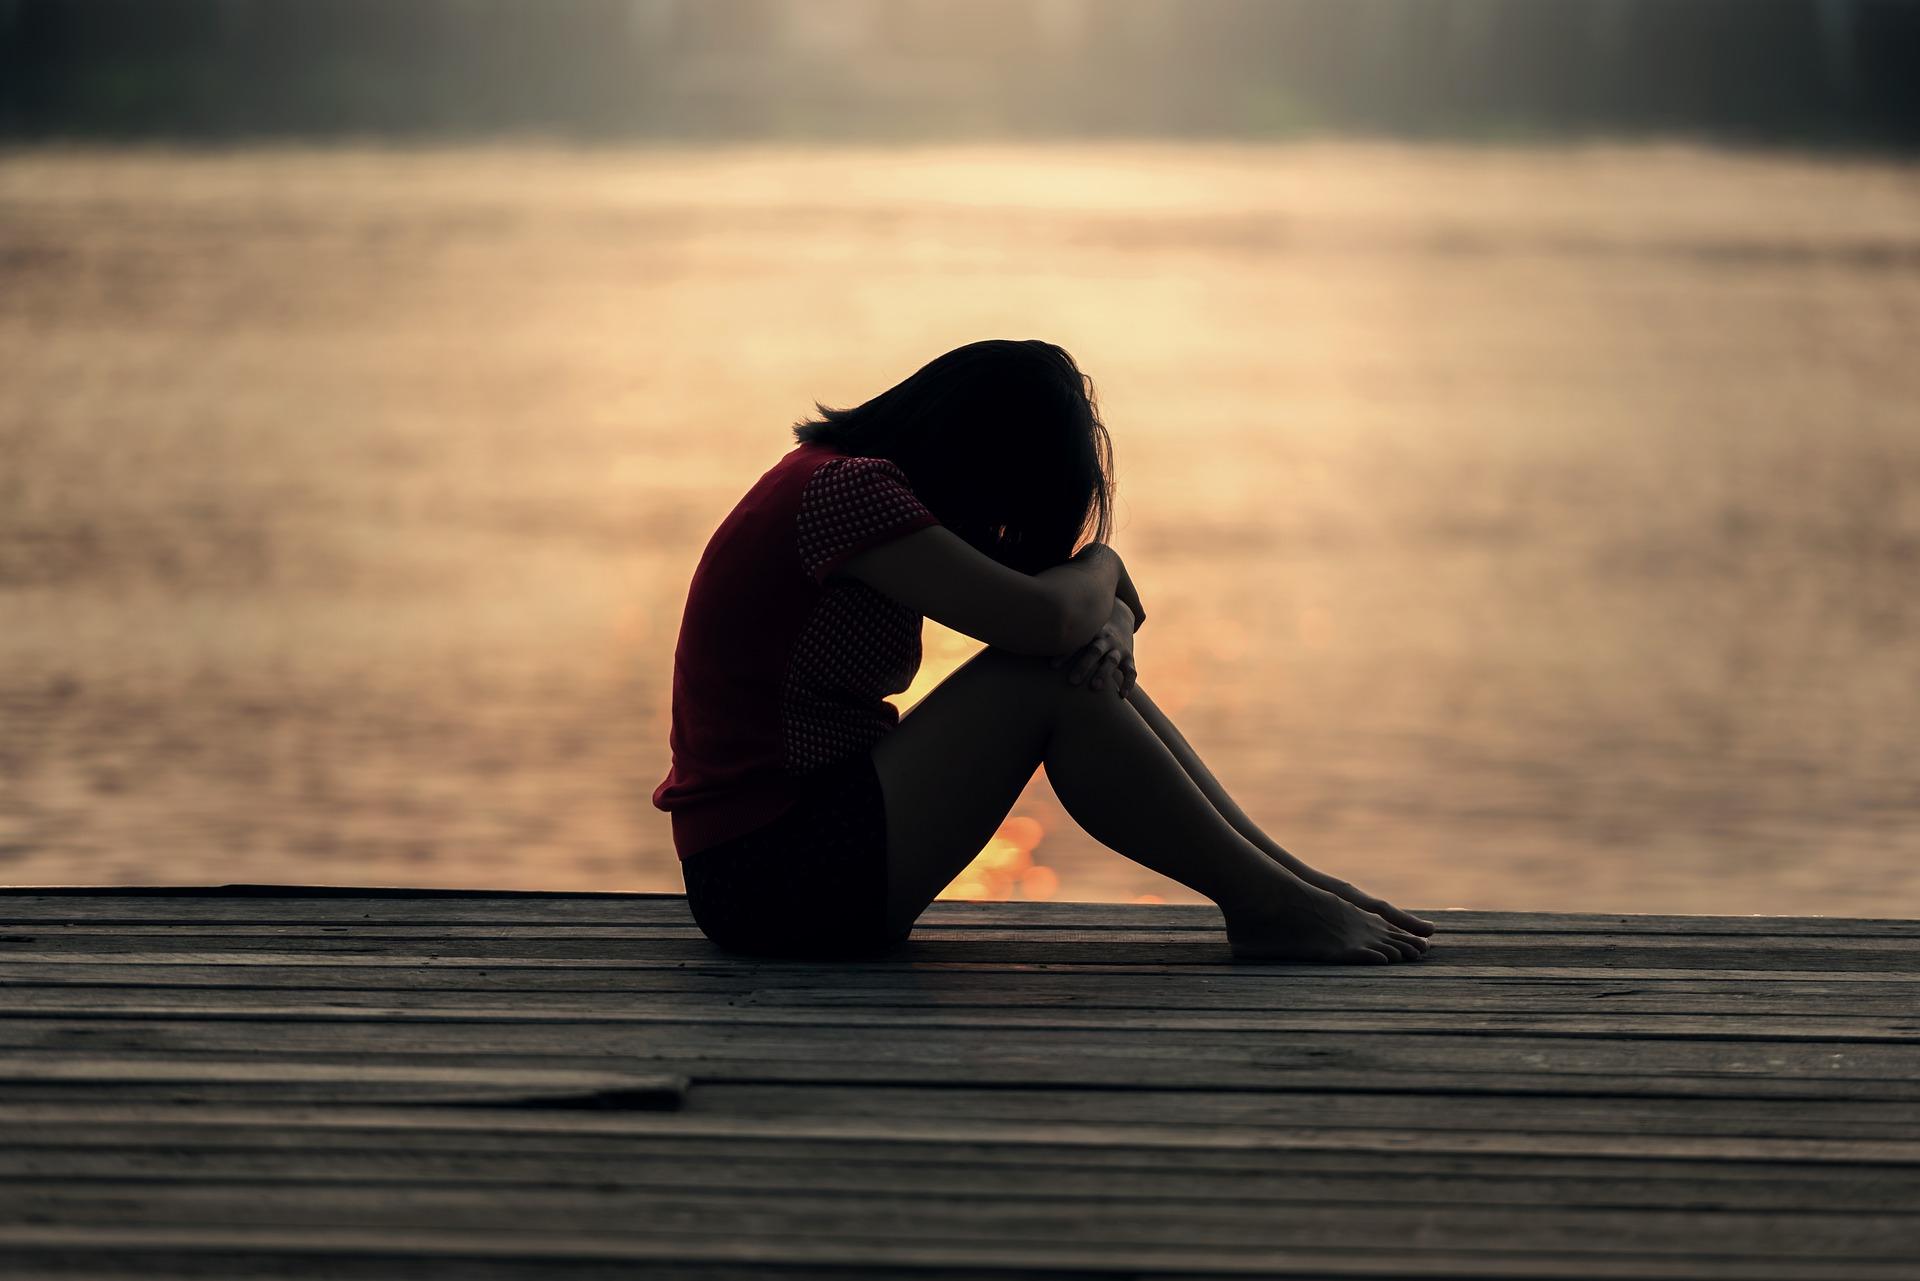 День рождения, картинки прикольные на аву для девушек грустные